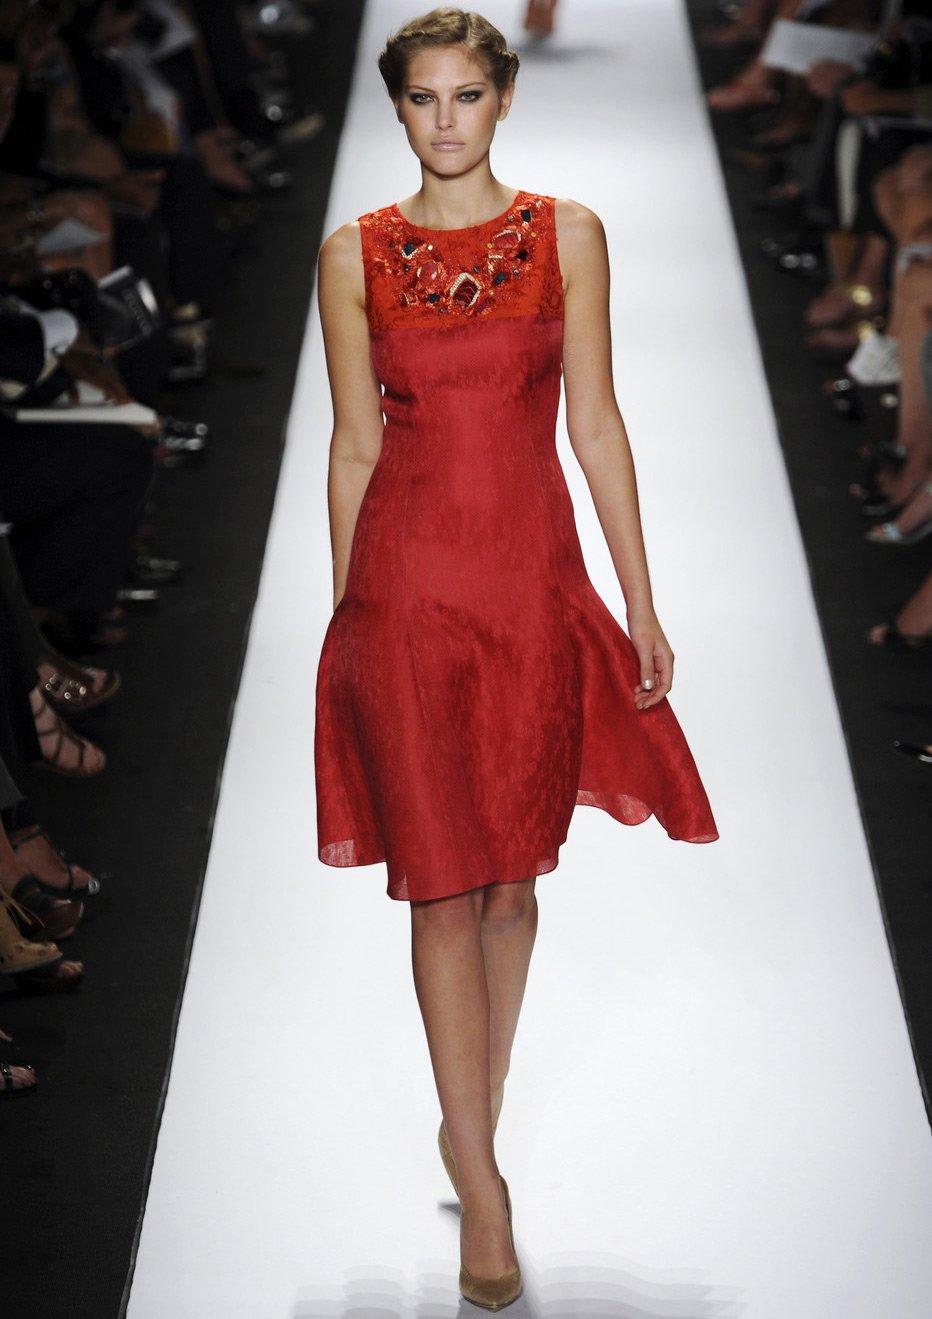 ddfe3445c6a1 Фото лучших платьев Carolina Herrera из разных коллекций бренда